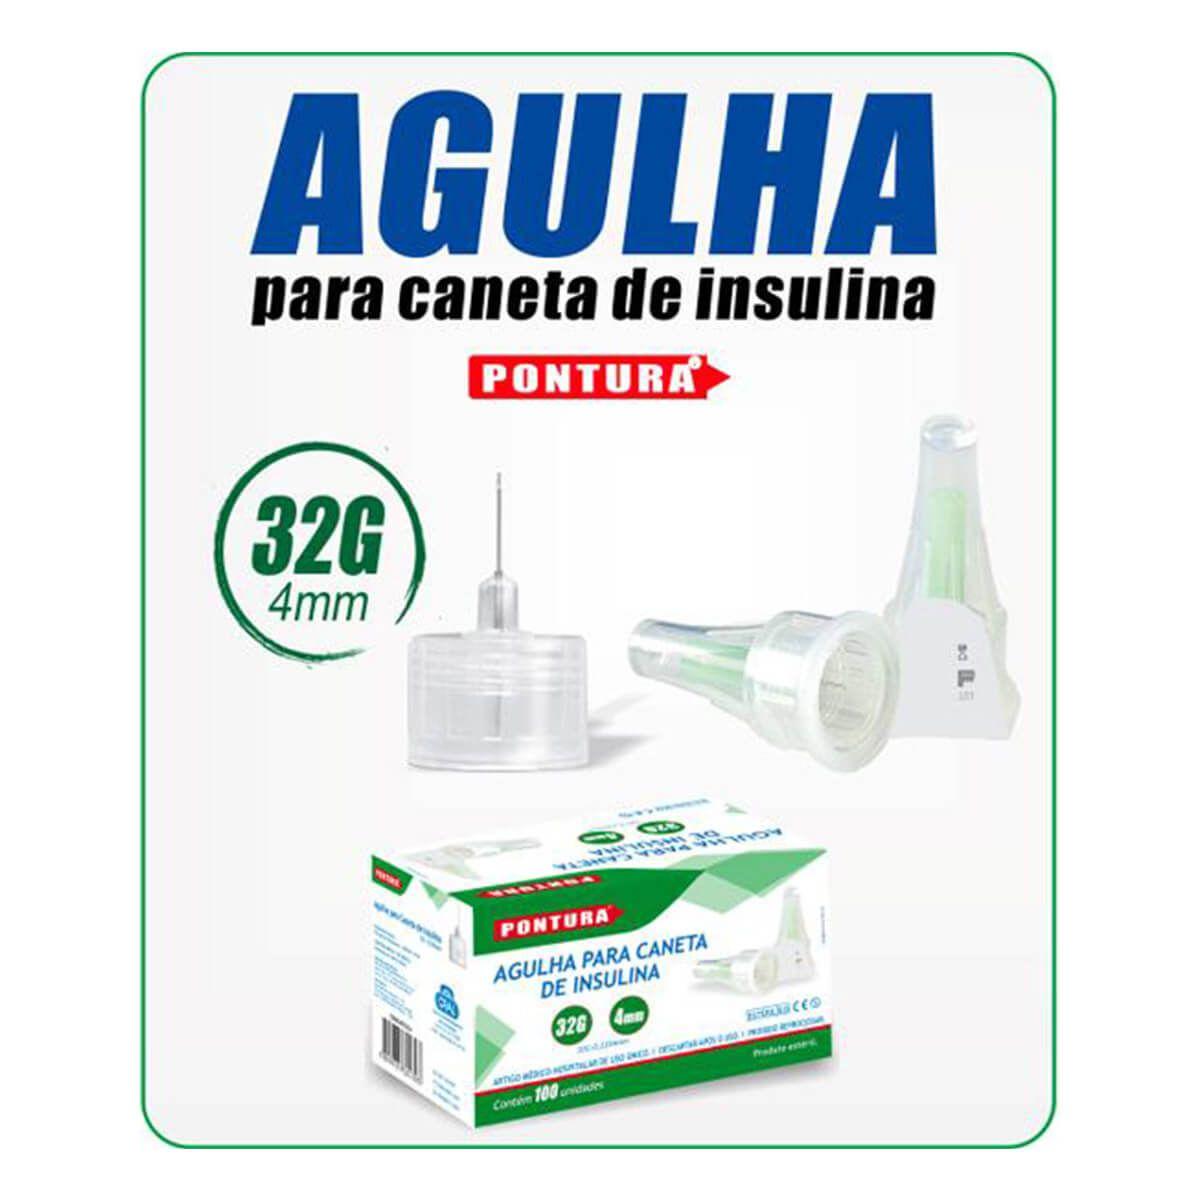 Agulha para Caneta de Insulina Pen Needle Caixa 100 Unidades